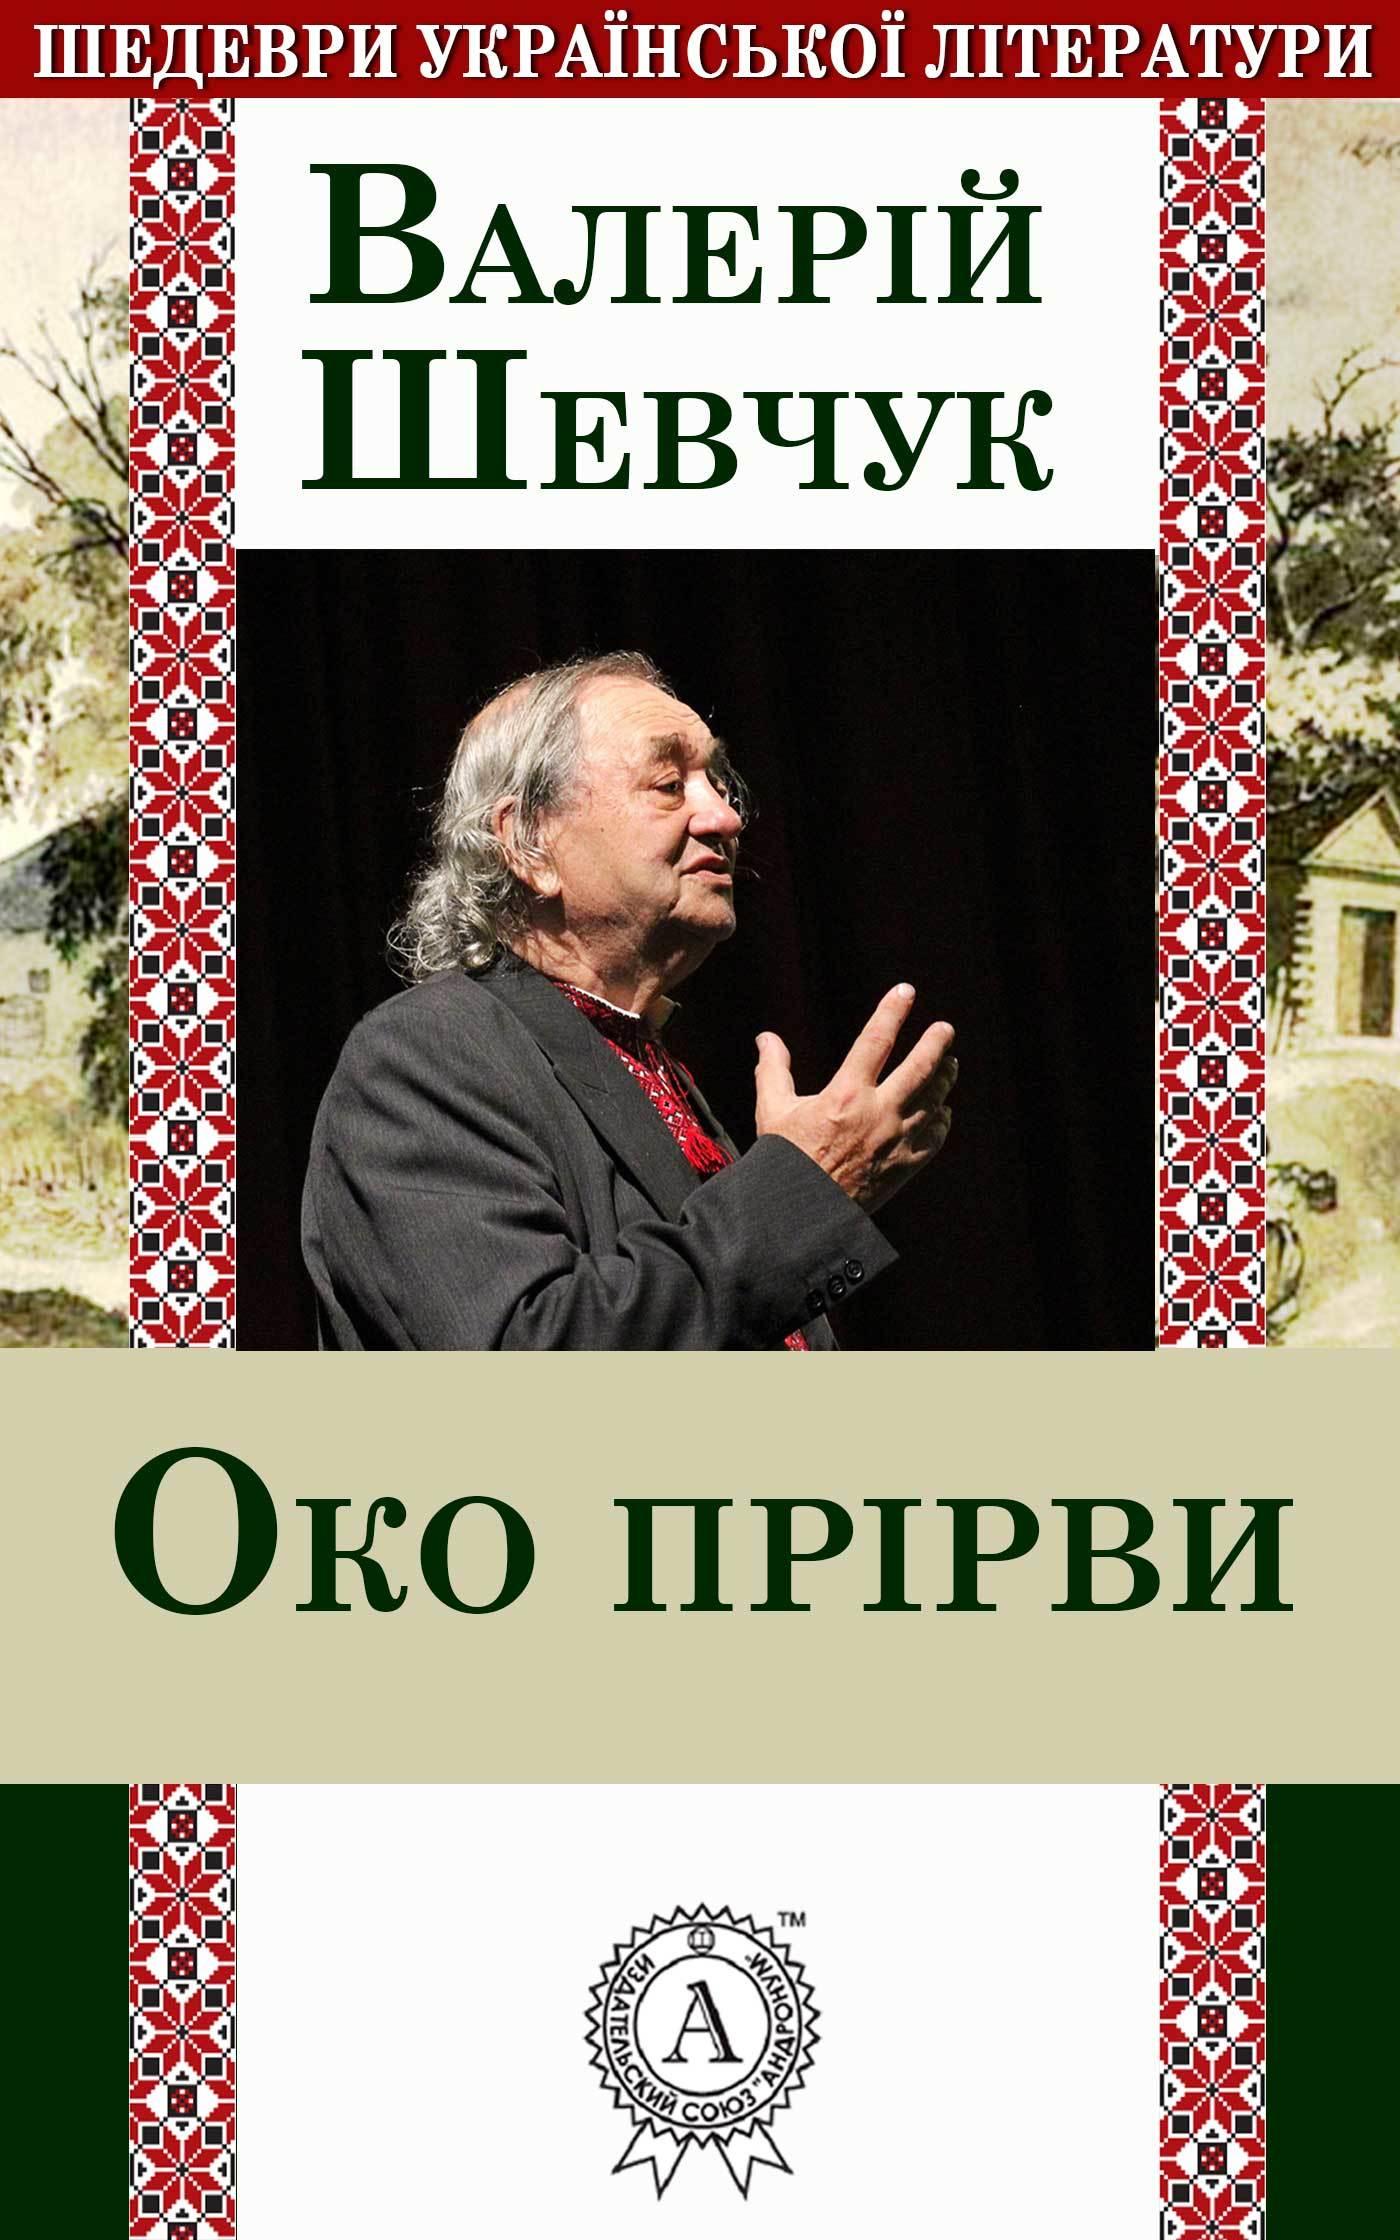 Валерій Шевчук Око прірви валерій шевчук дім на горі